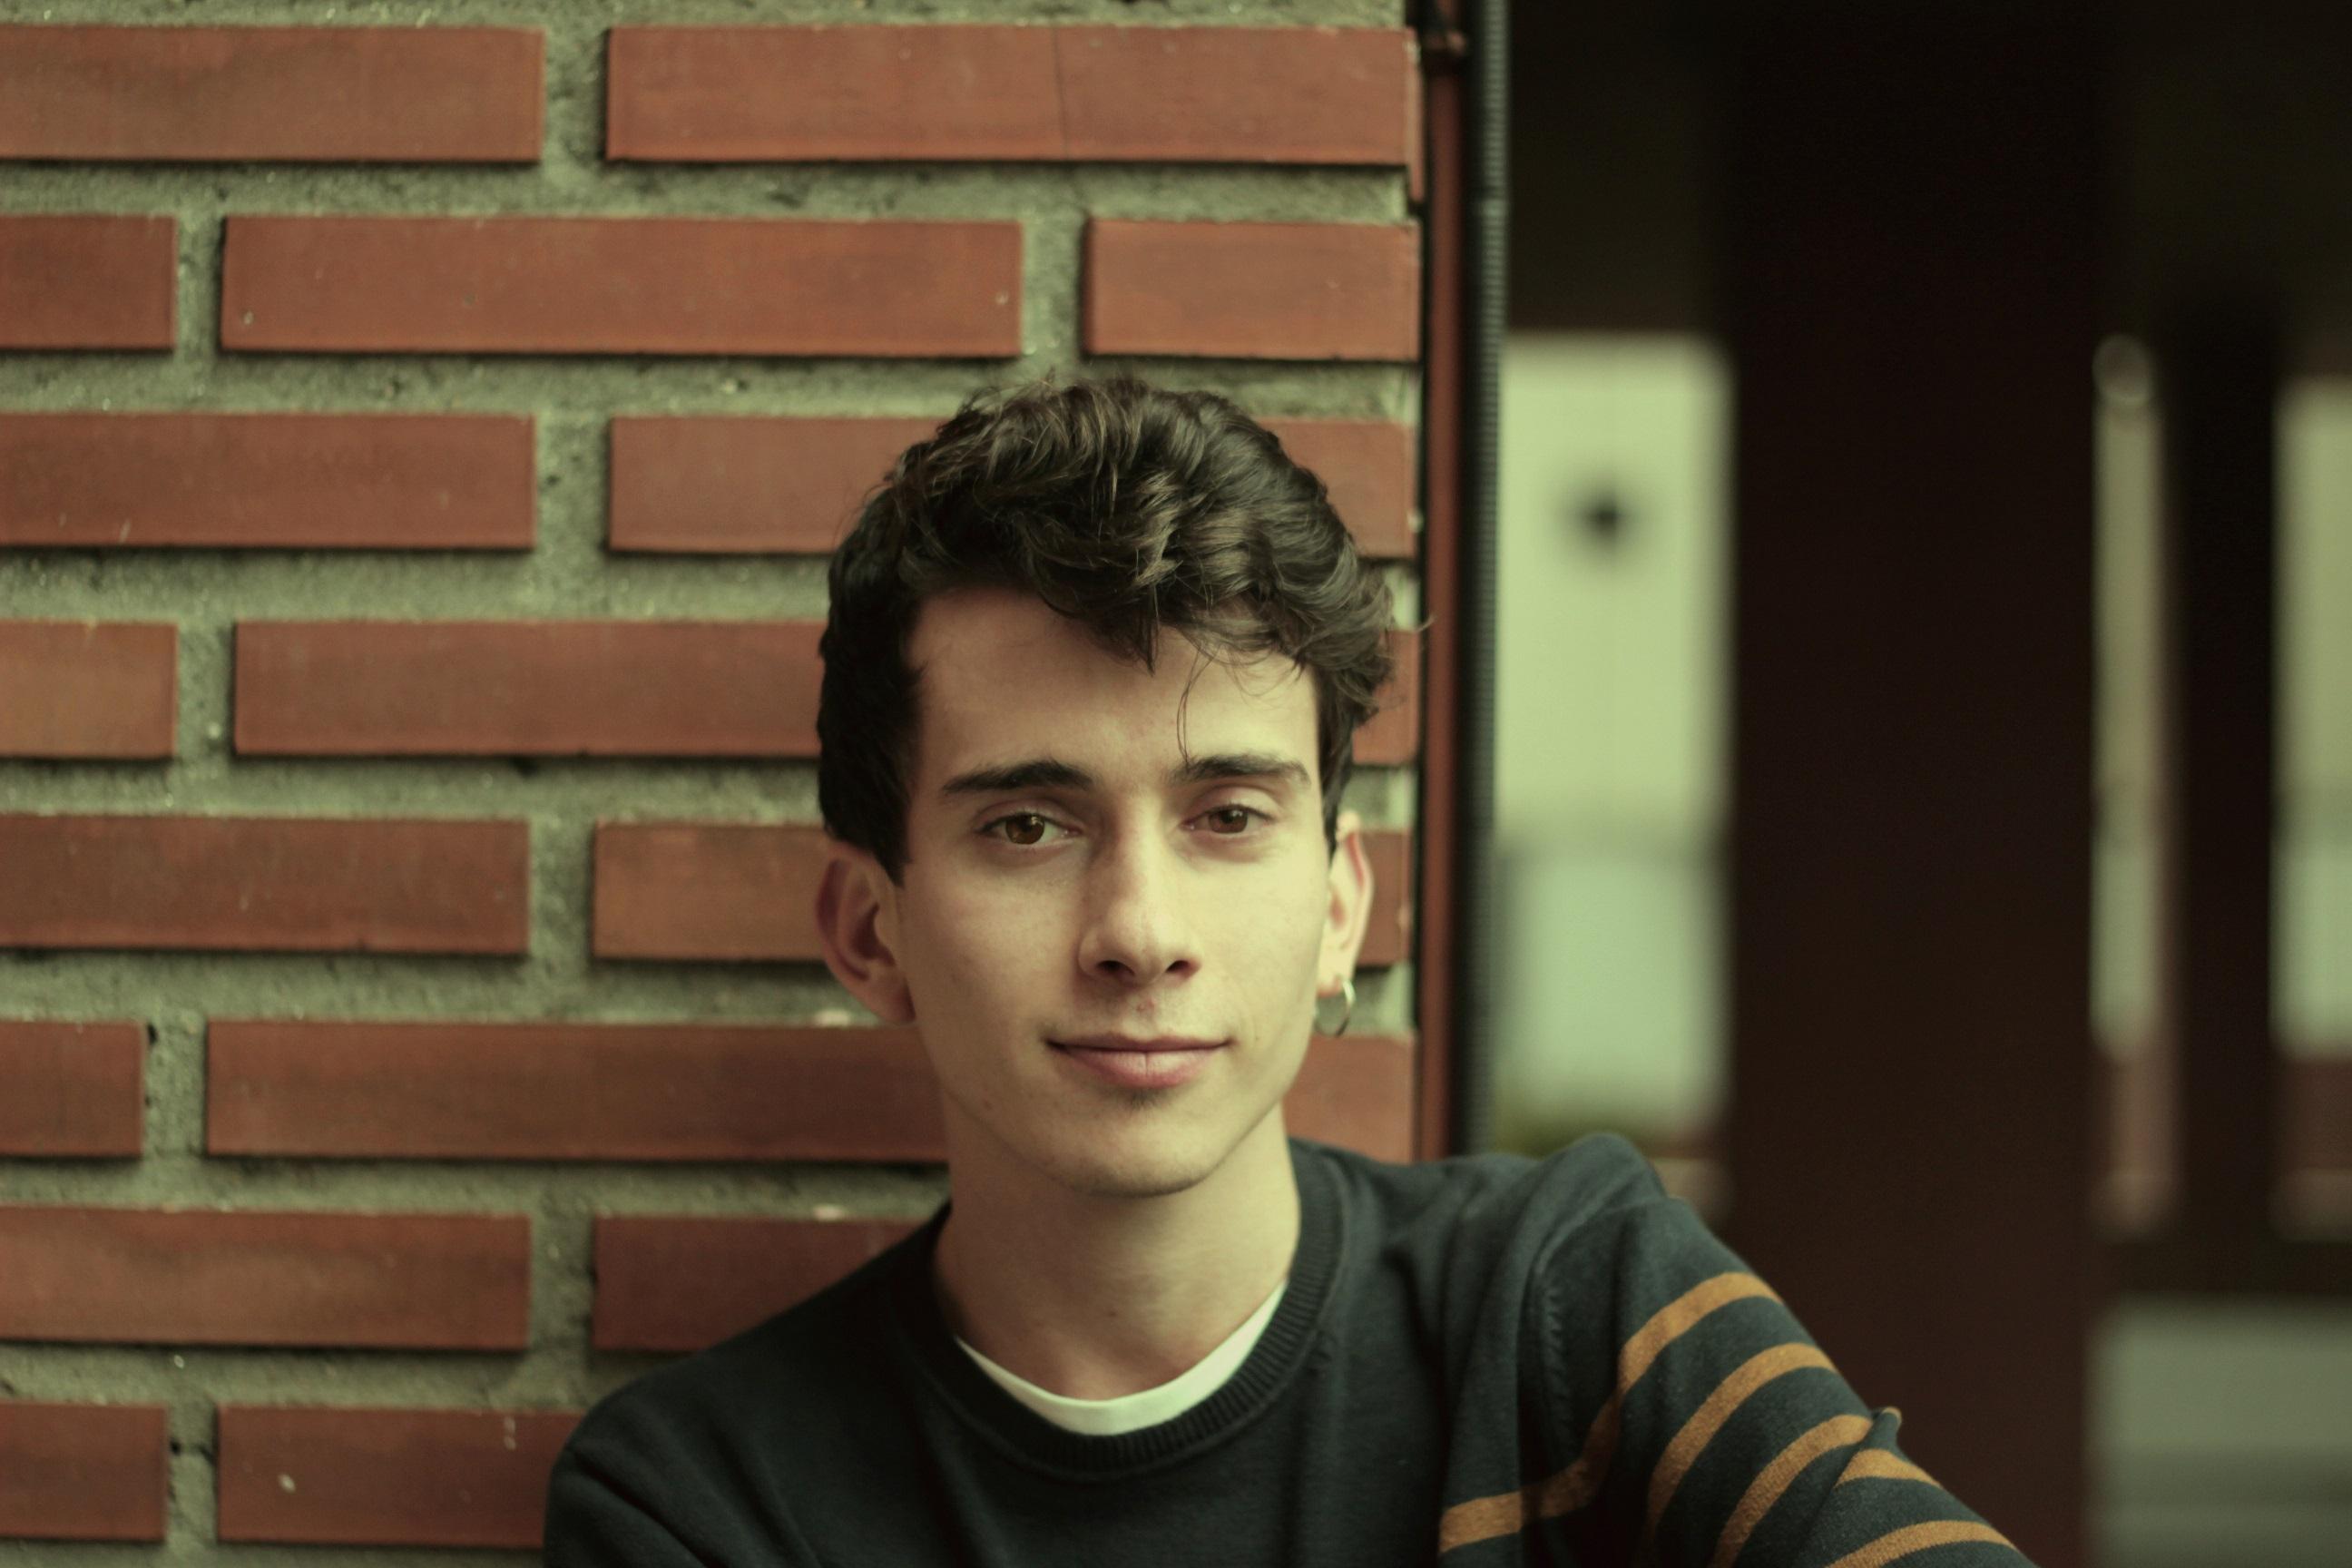 Jimmy Núñez